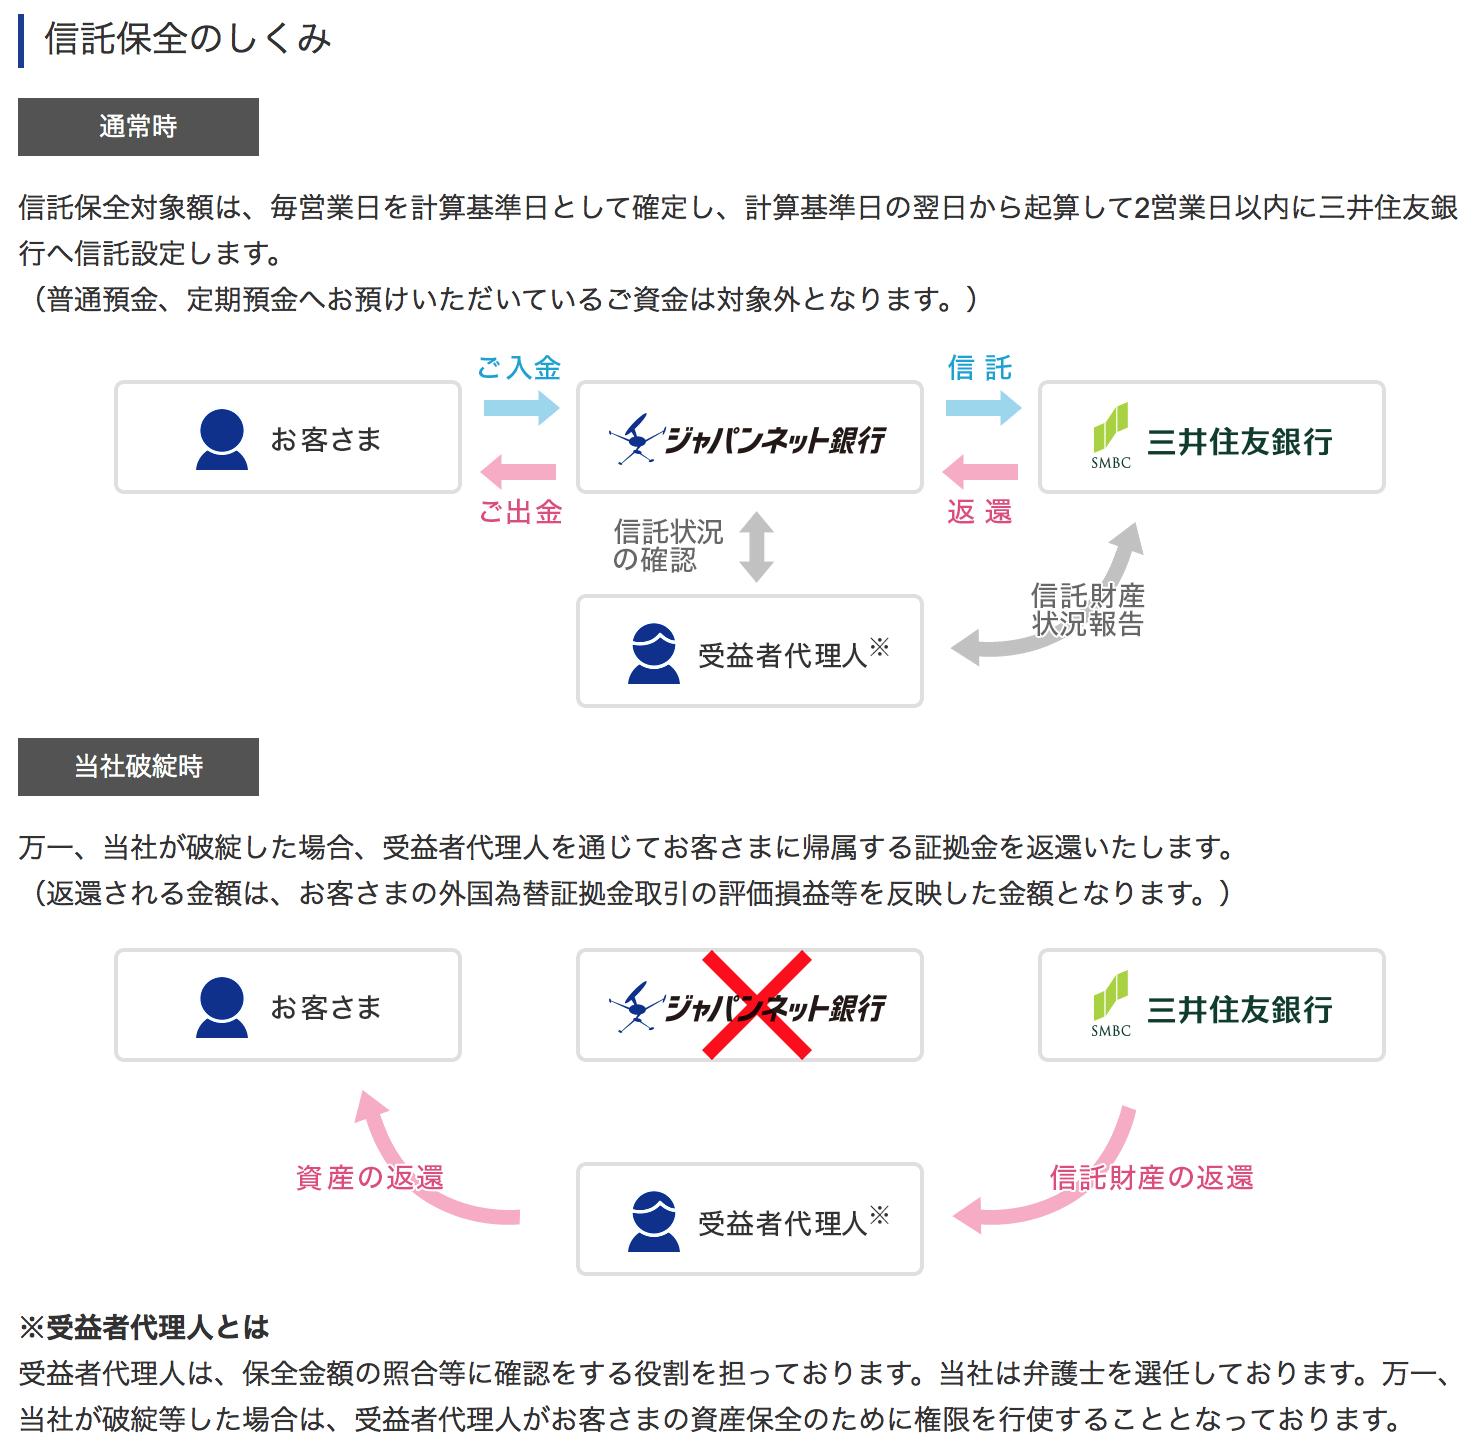 ジャパンネット銀行「信託保全の仕組み」